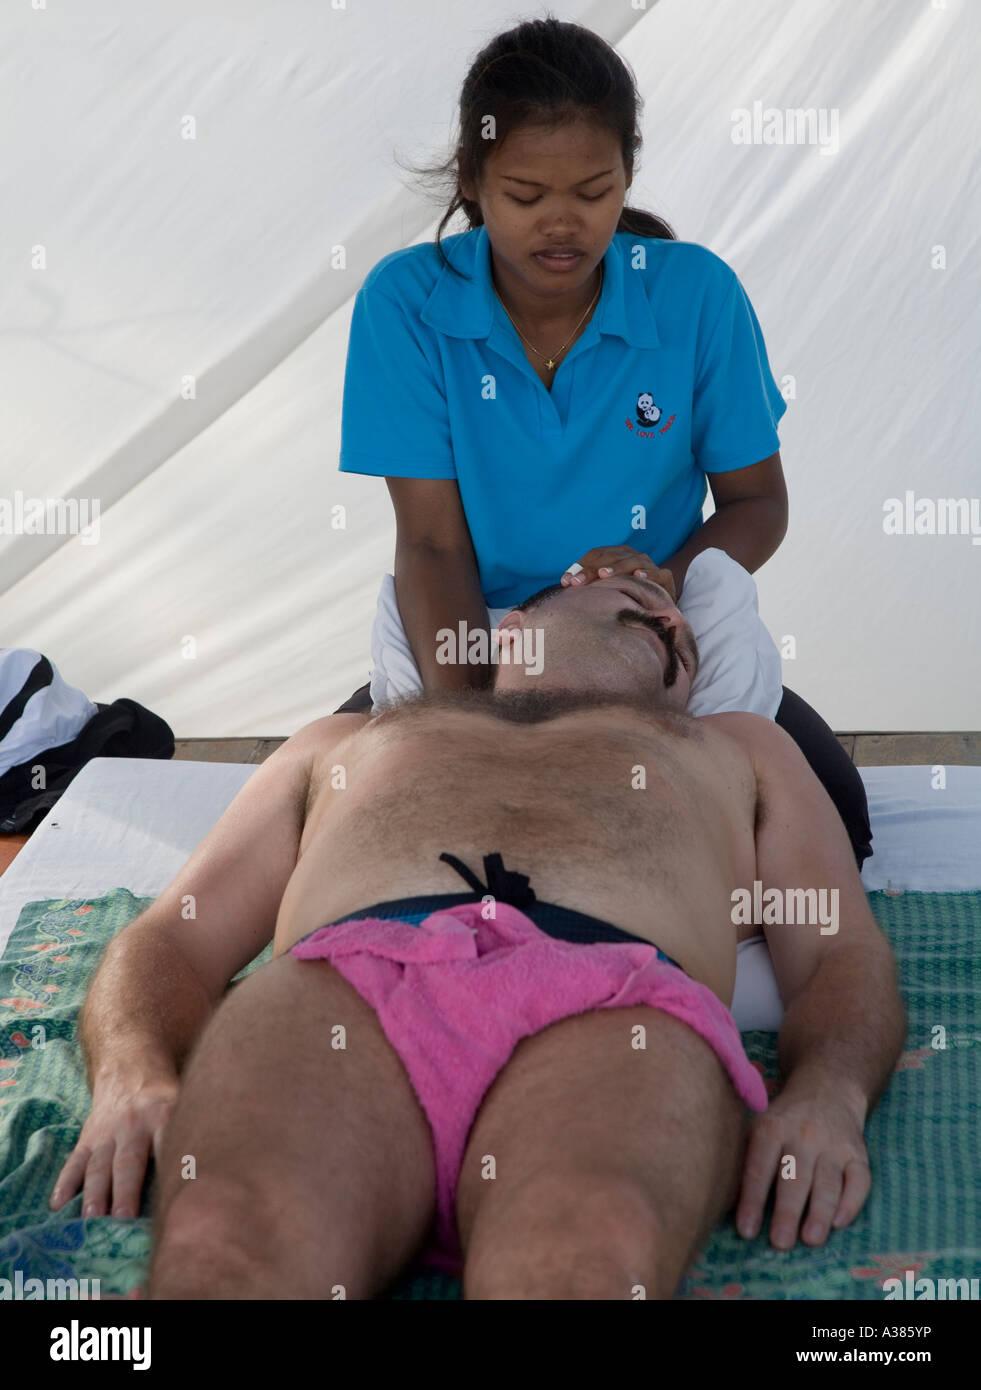 massagesider asia thai wellness